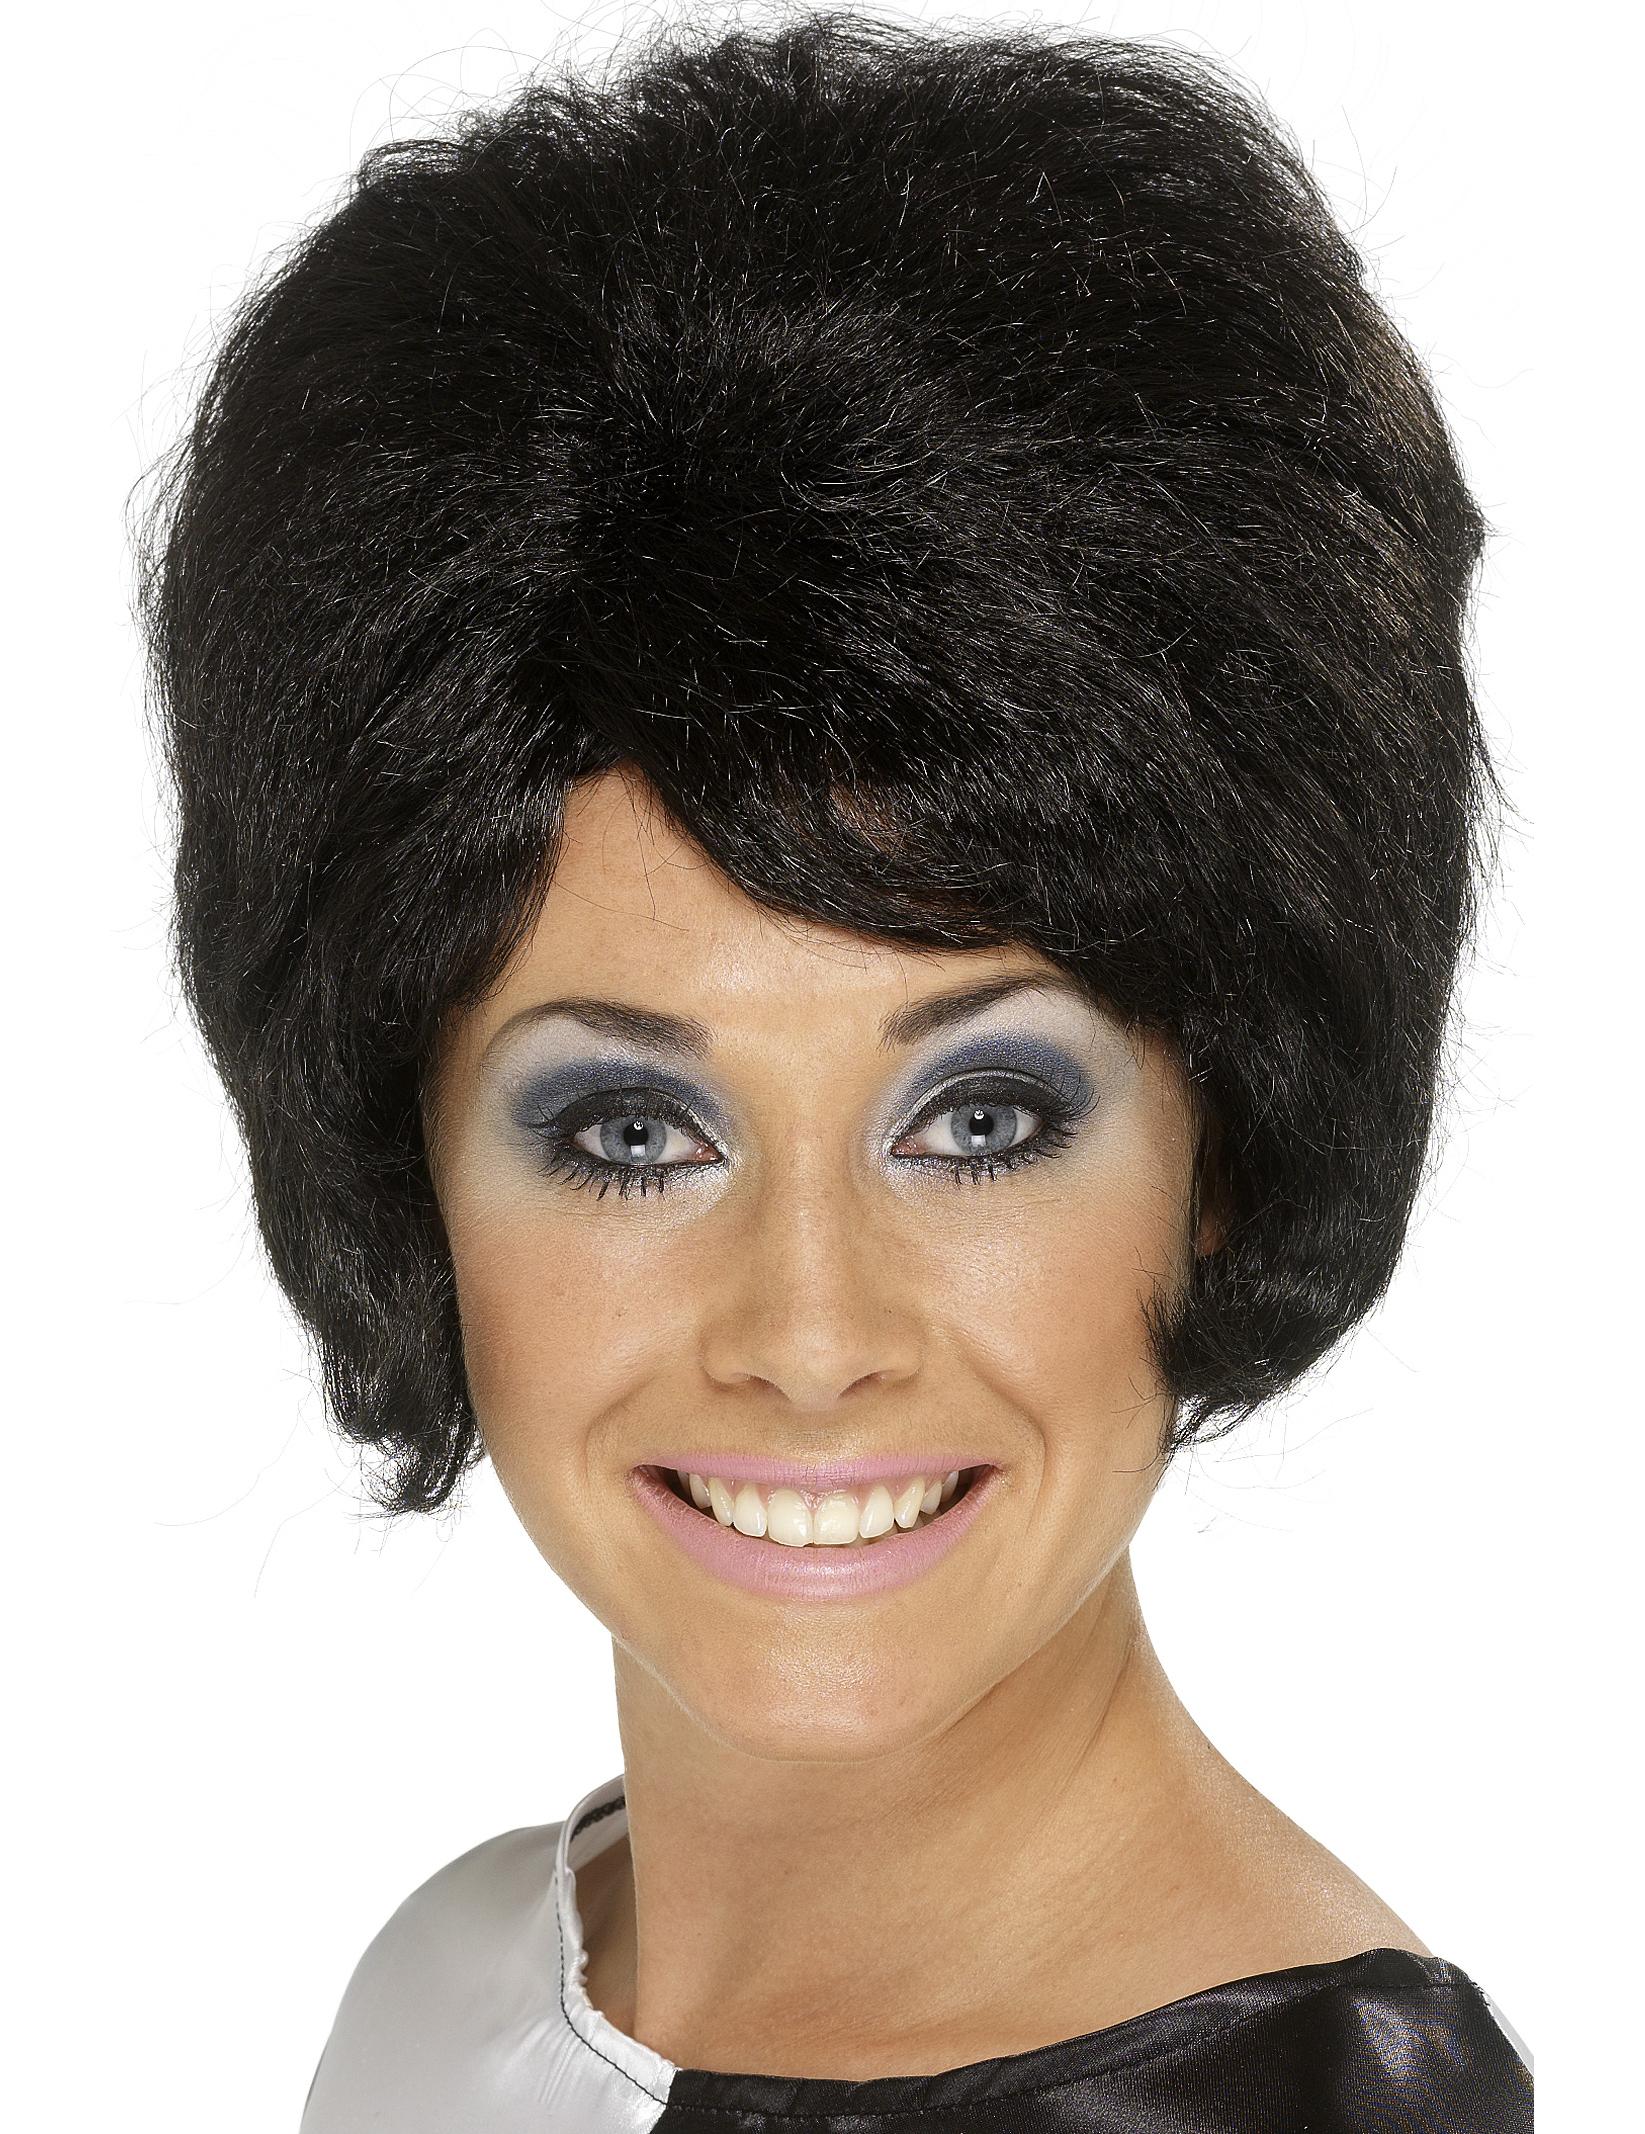 Schwarze Perucke Beehive Frisur Fur Damen